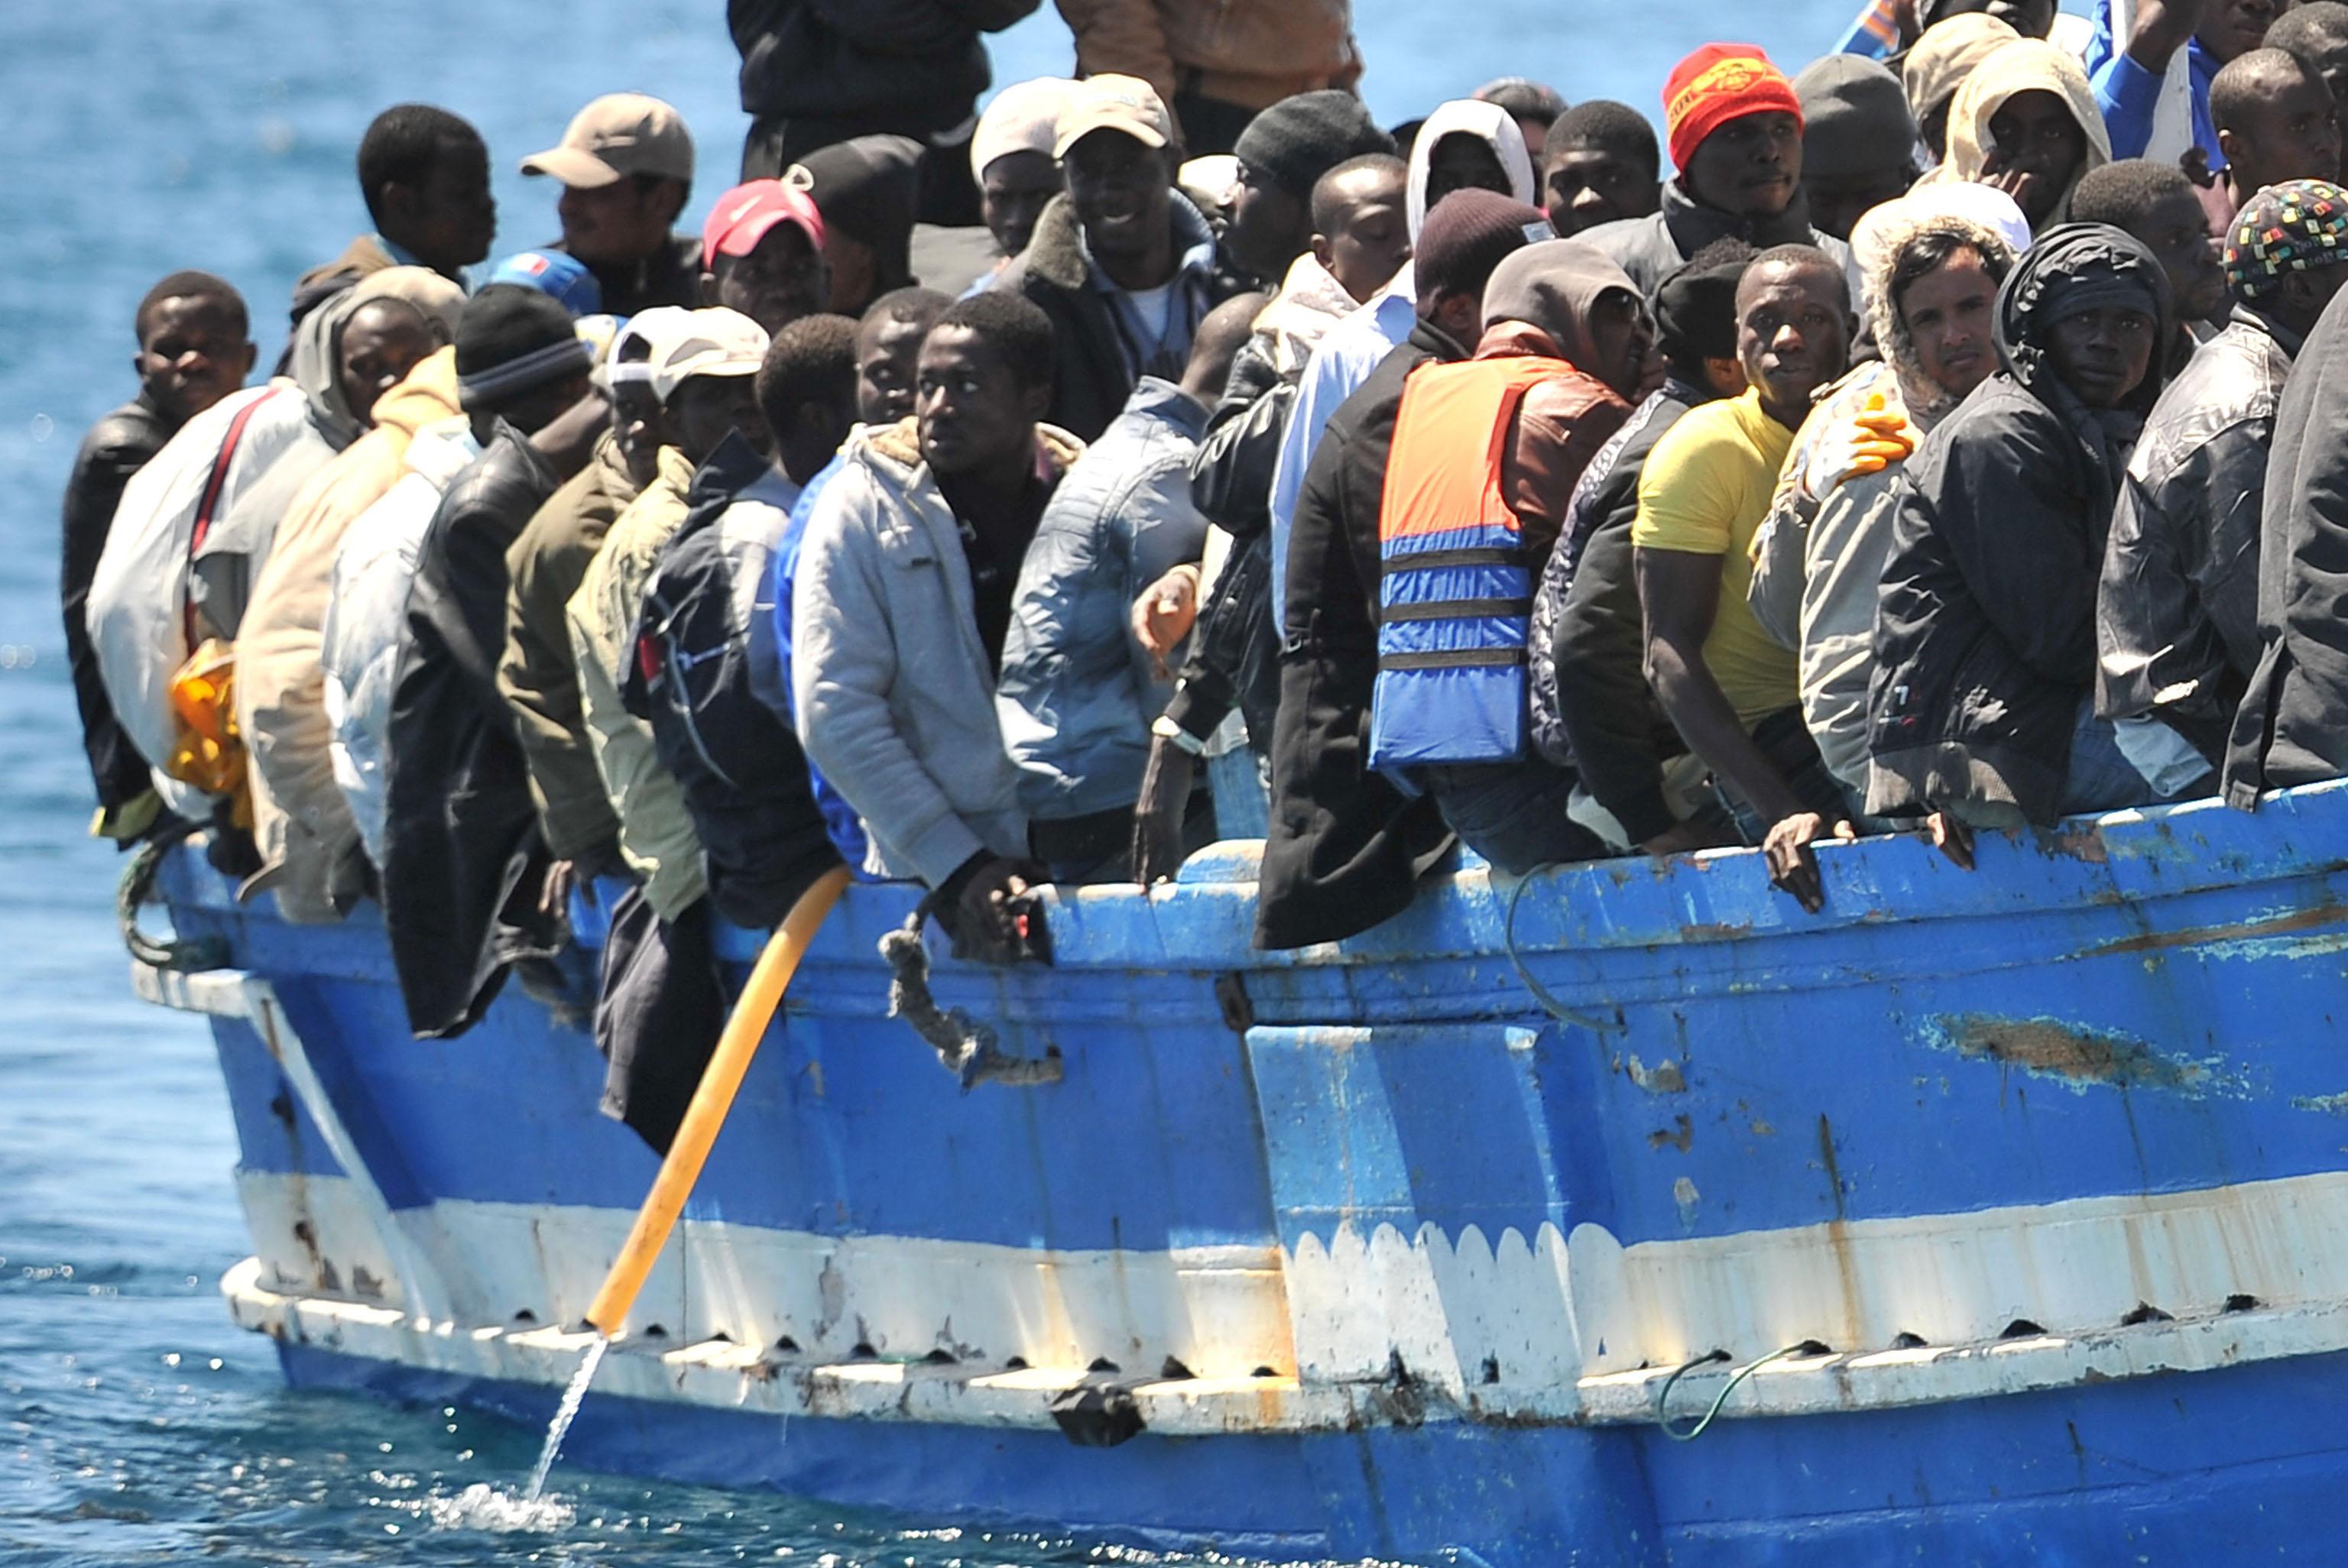 Migranti, vertice a Ventimiglia mentre in Calabria sbarcano nuovi profughi